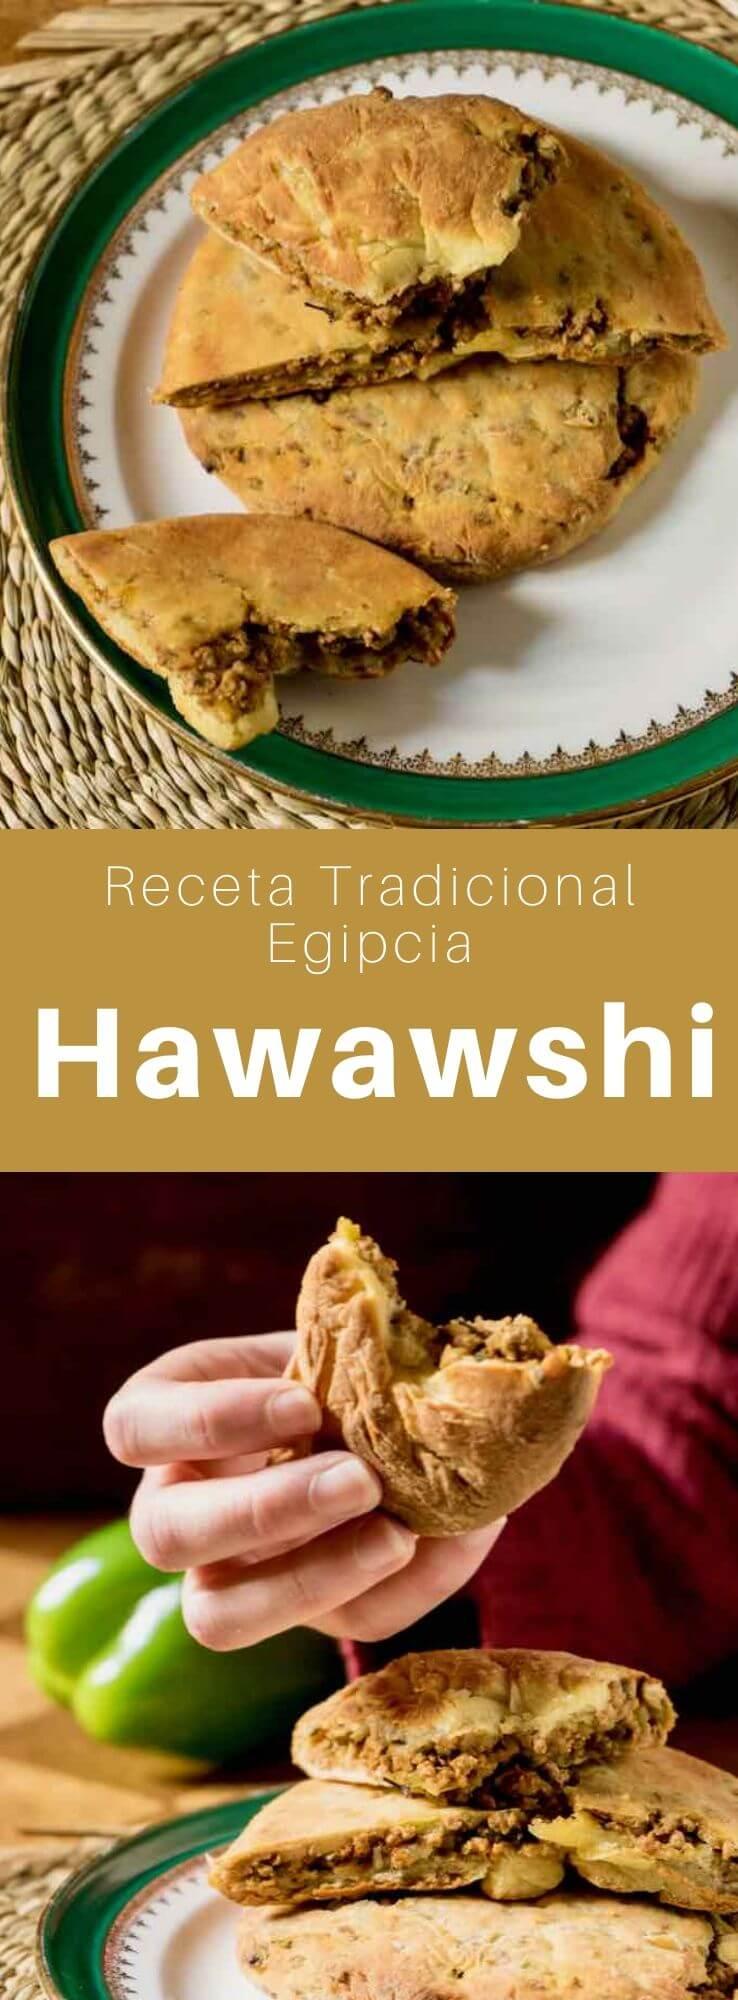 El hawawshi es un delicioso sándwich egipcio preparado con pan plano que se rellena con carne molida picante.